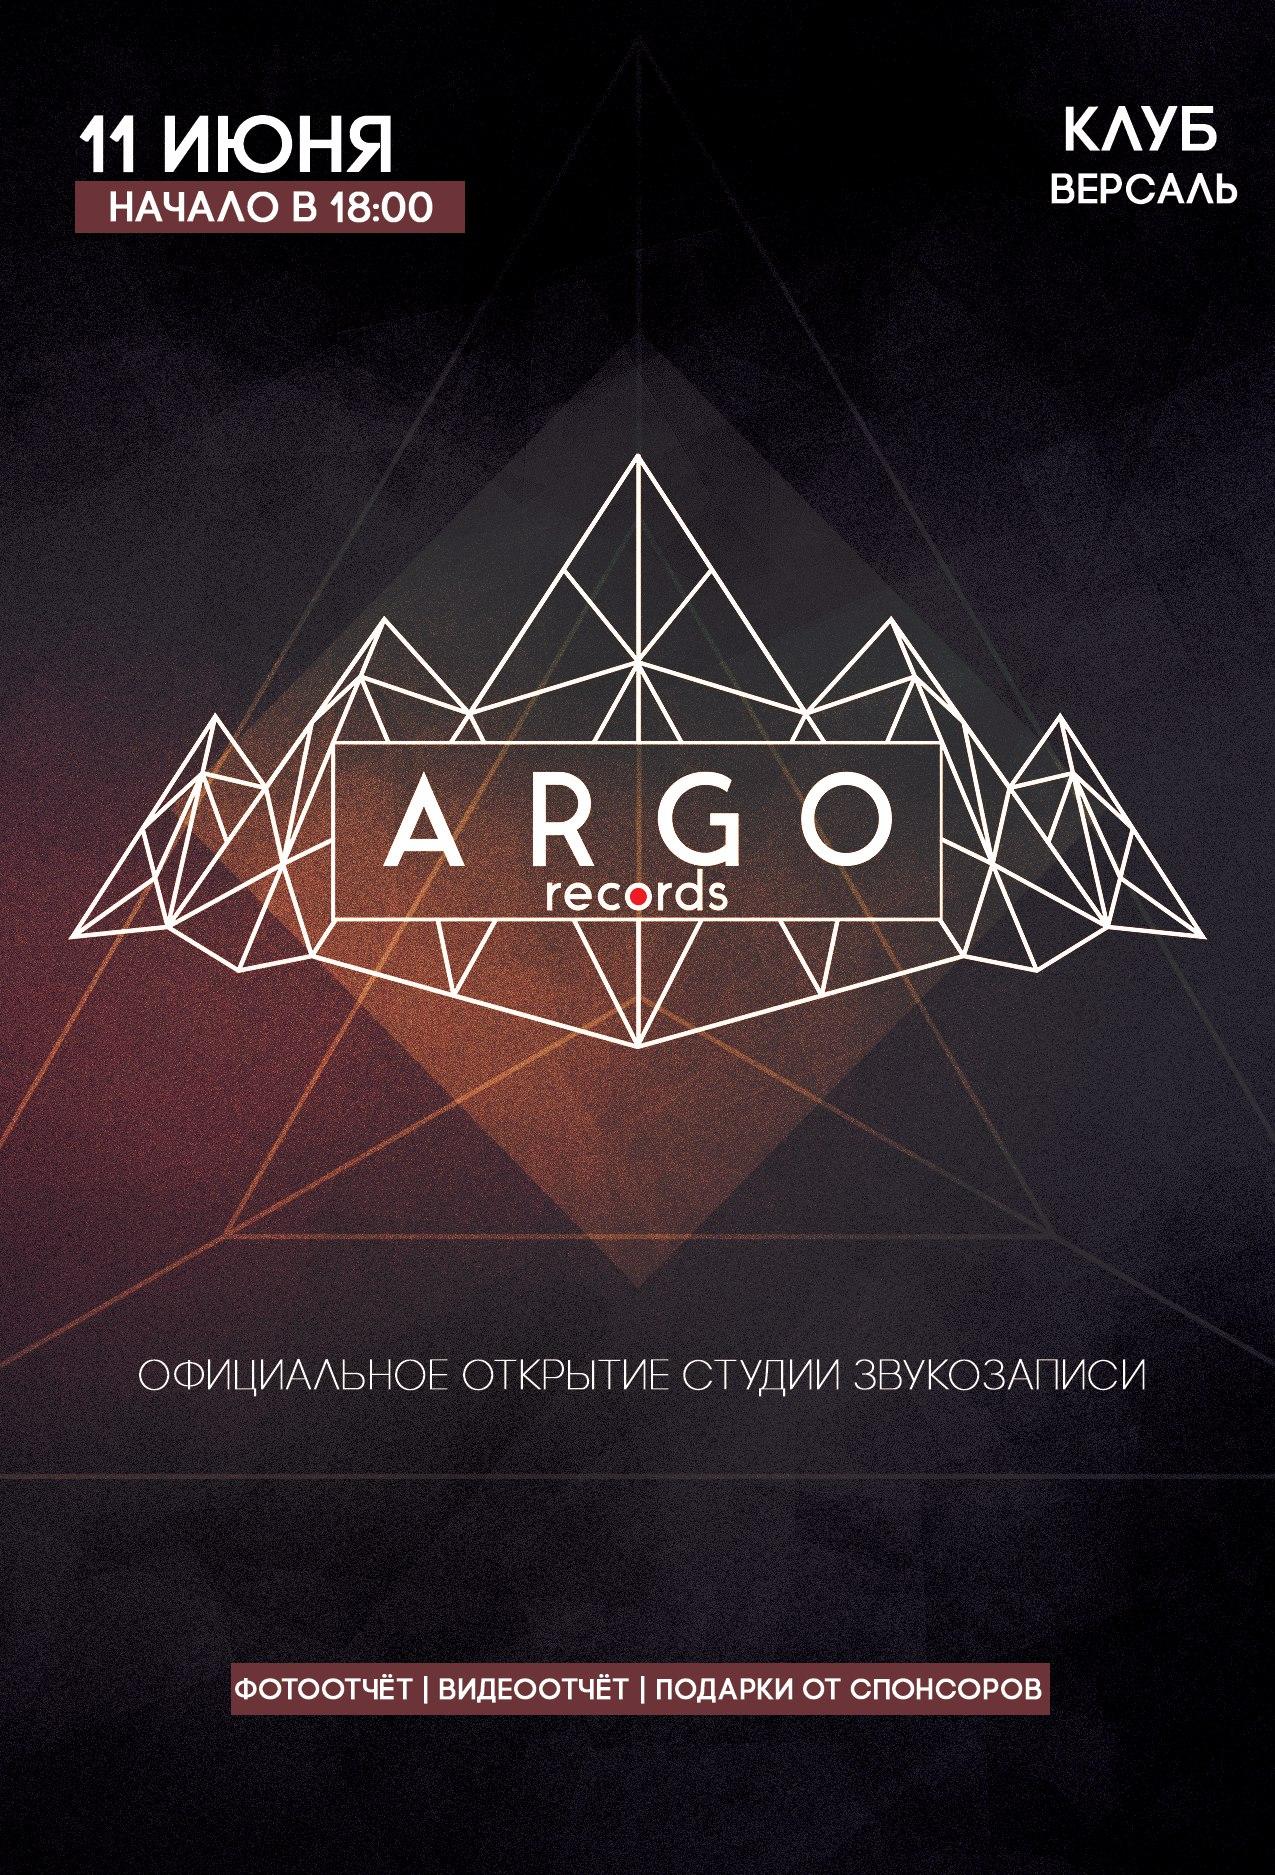 ARGO Records — официальное открытие студии звукозаписи